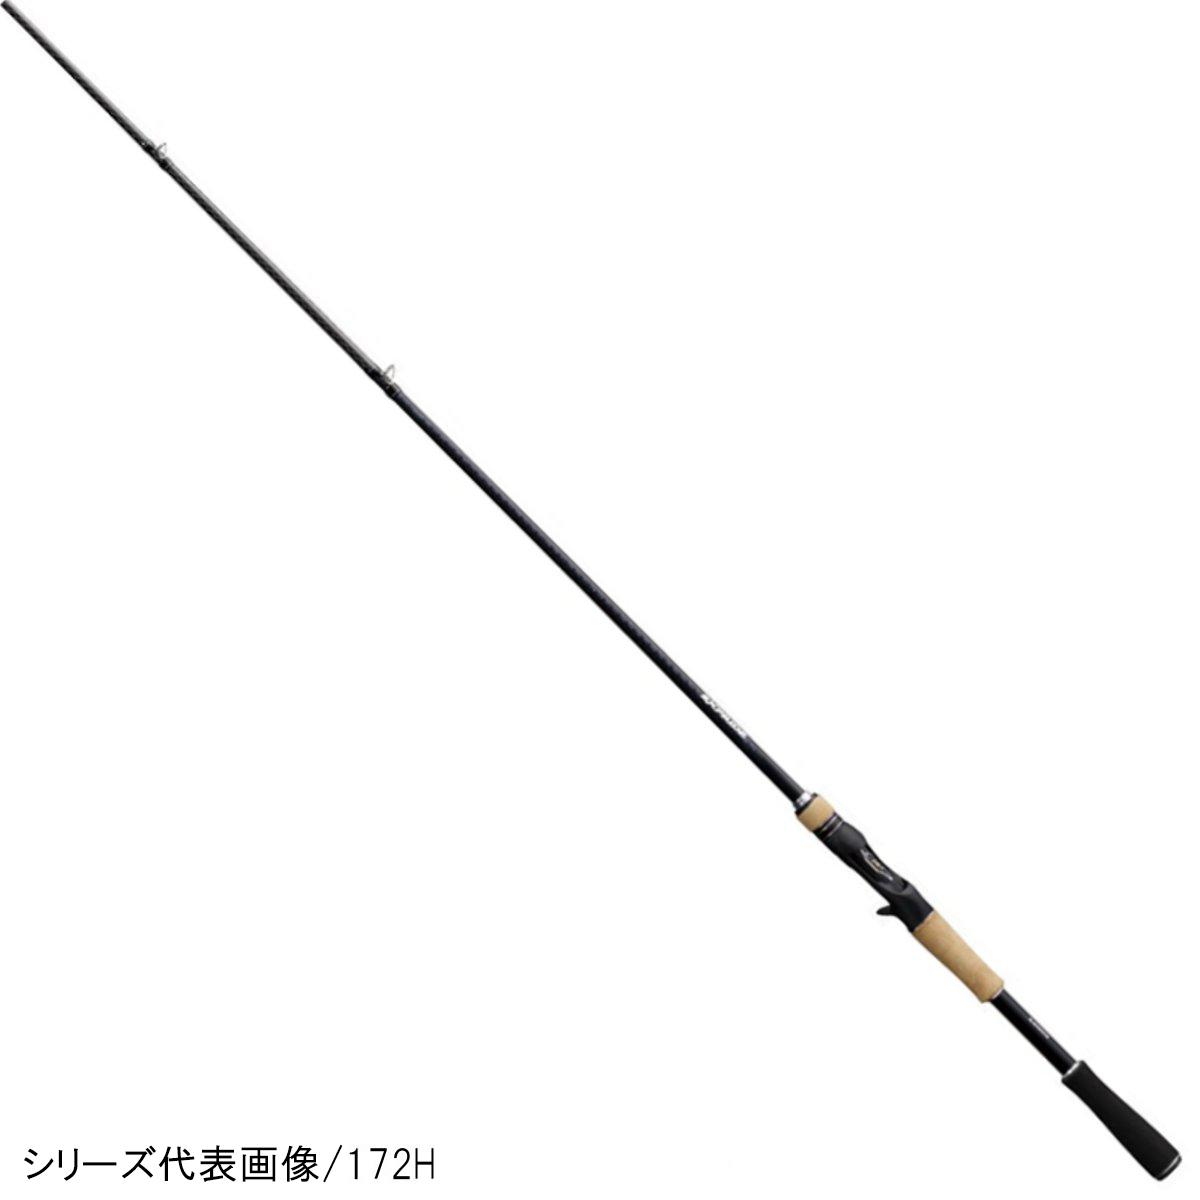 シマノ エクスプライド 172MH【大型商品】